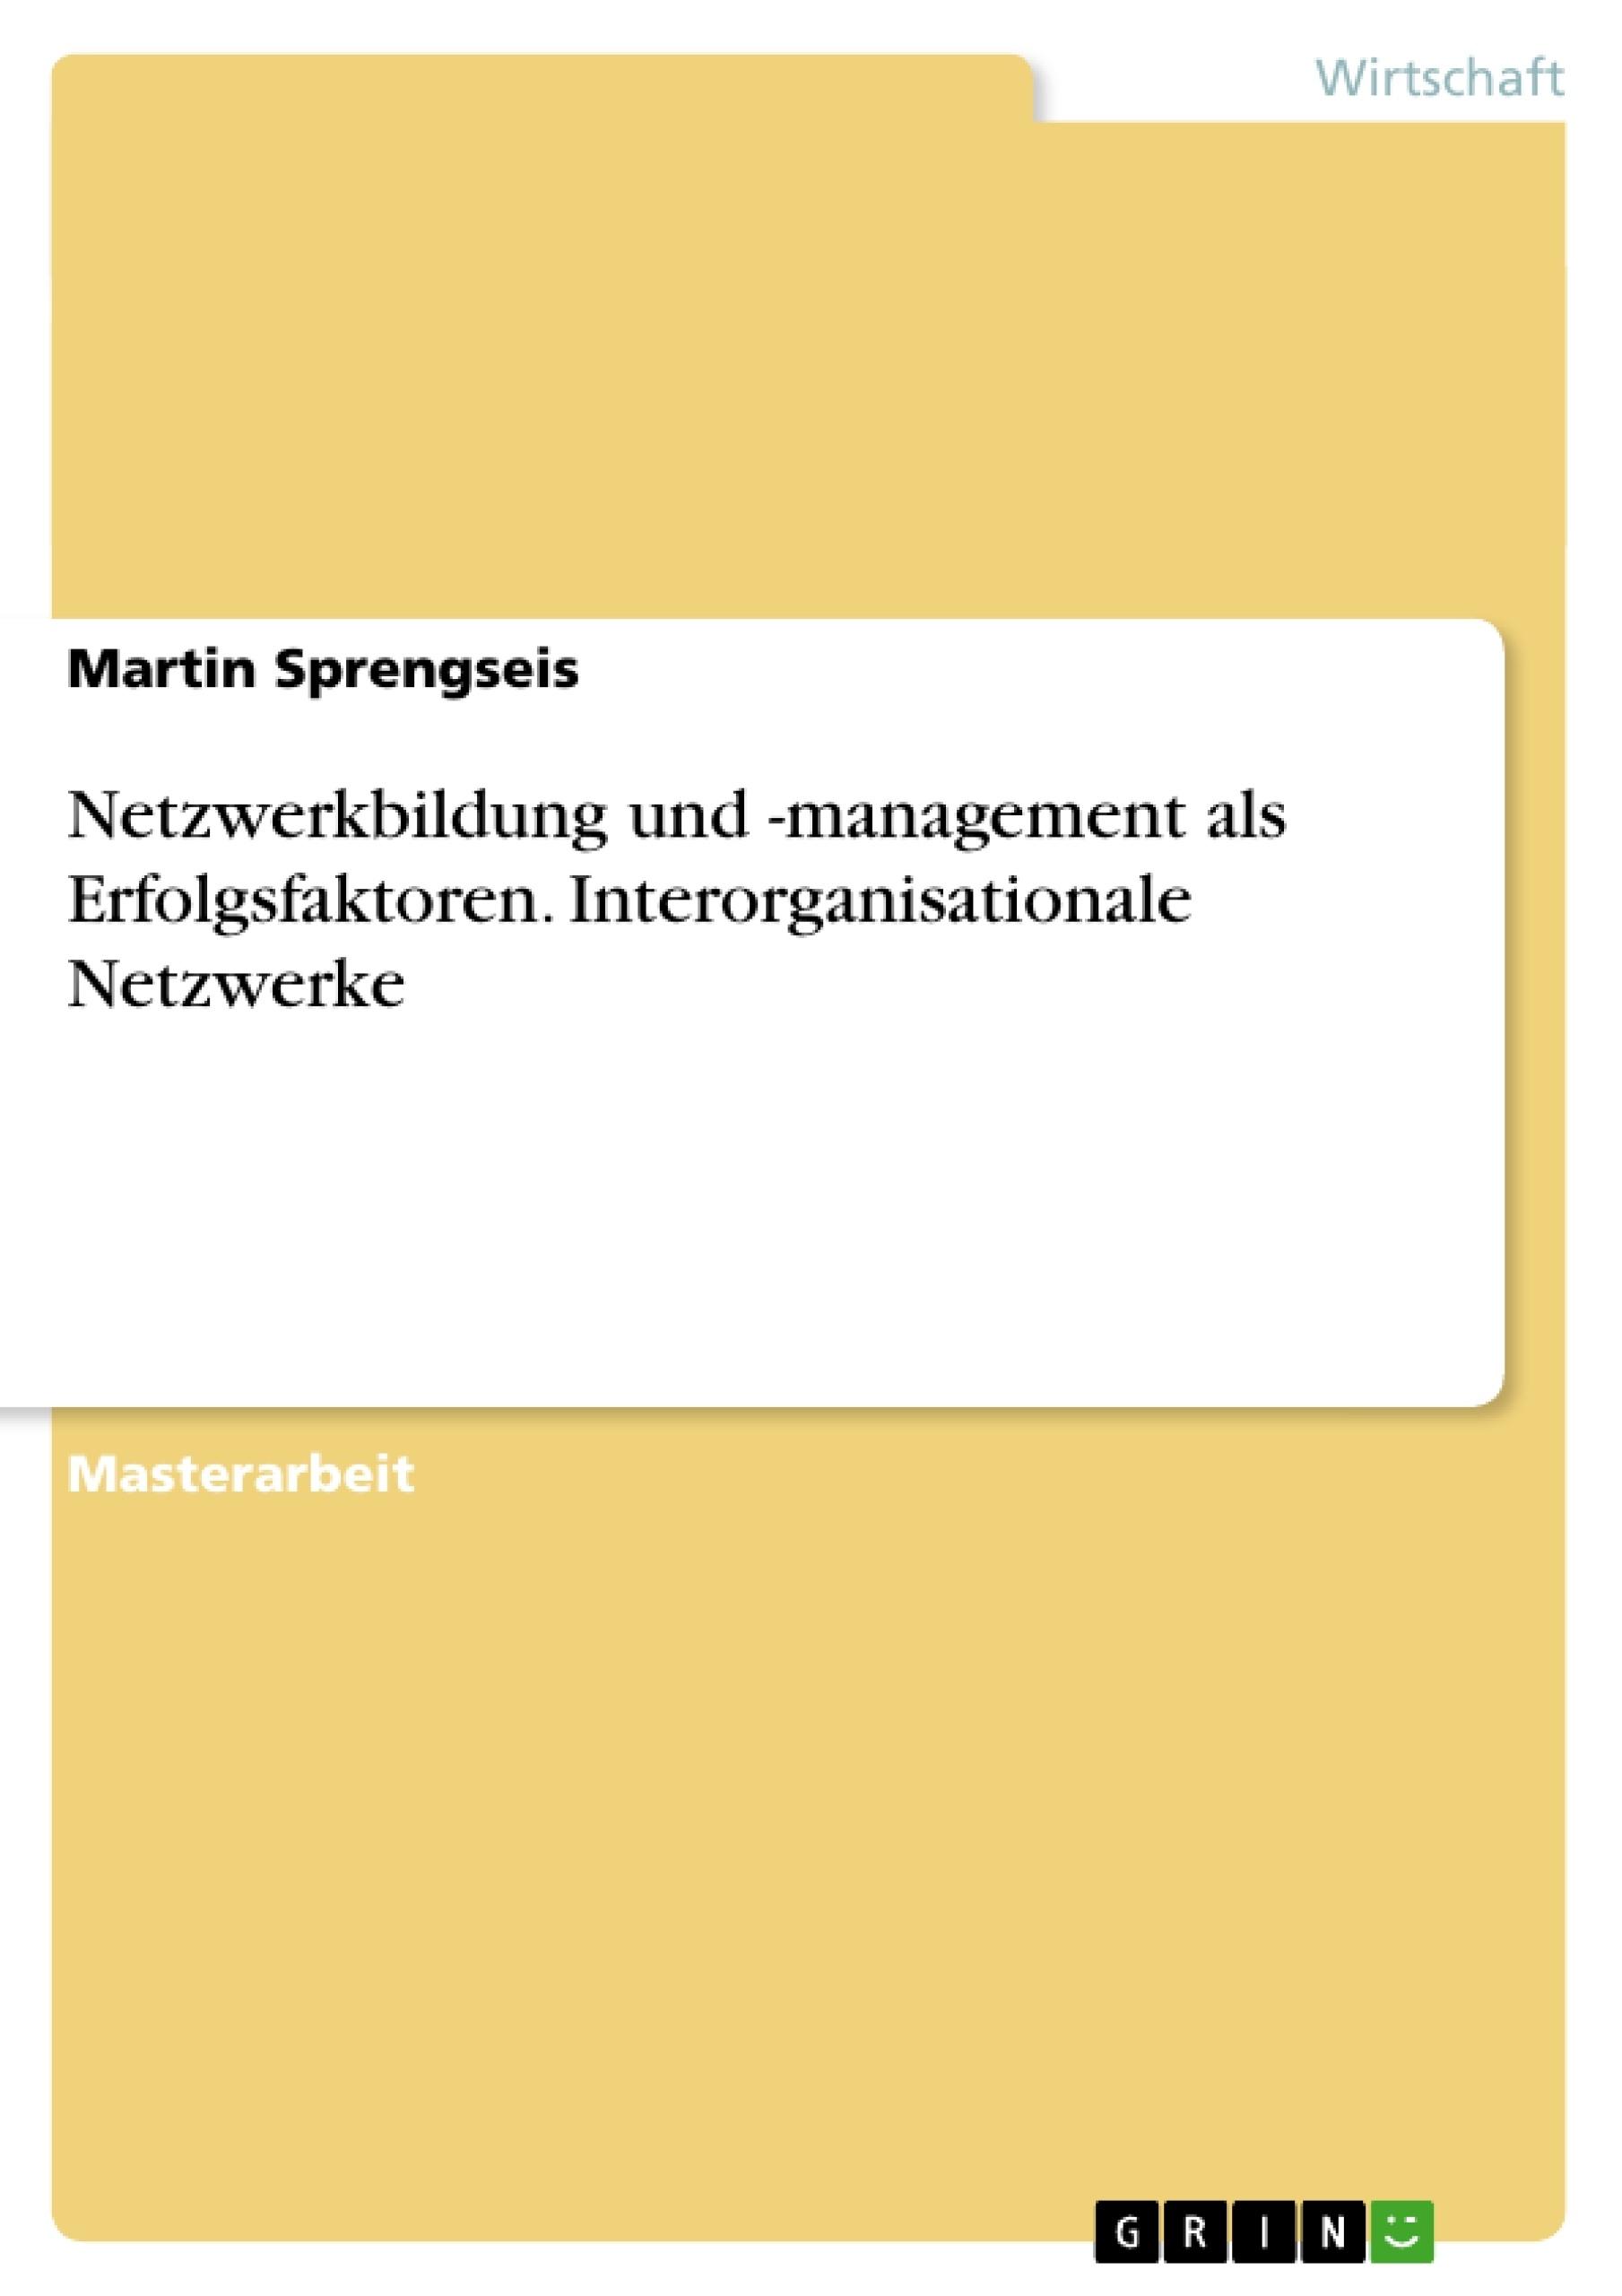 Titel: Netzwerkbildung und -management als Erfolgsfaktoren. Interorganisationale Netzwerke